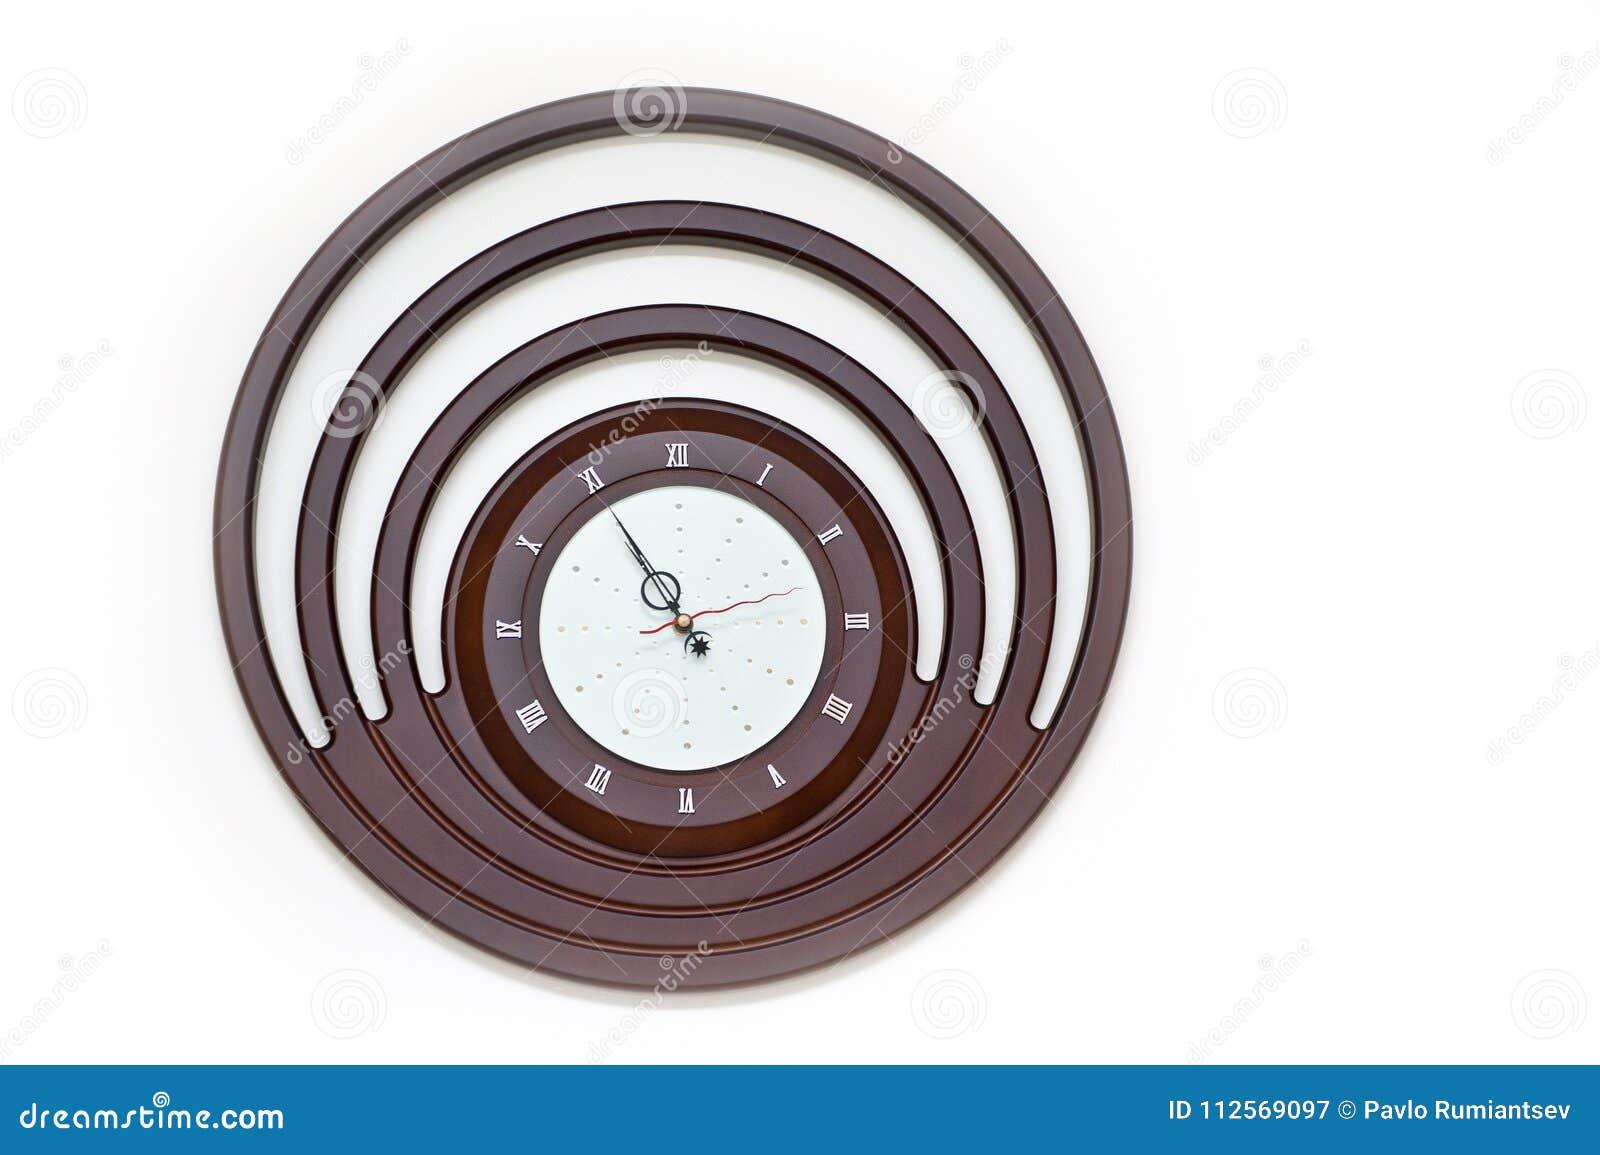 Ontwerper Wall Clock met Ronde Wijzerplaat op Witte Achtergrond